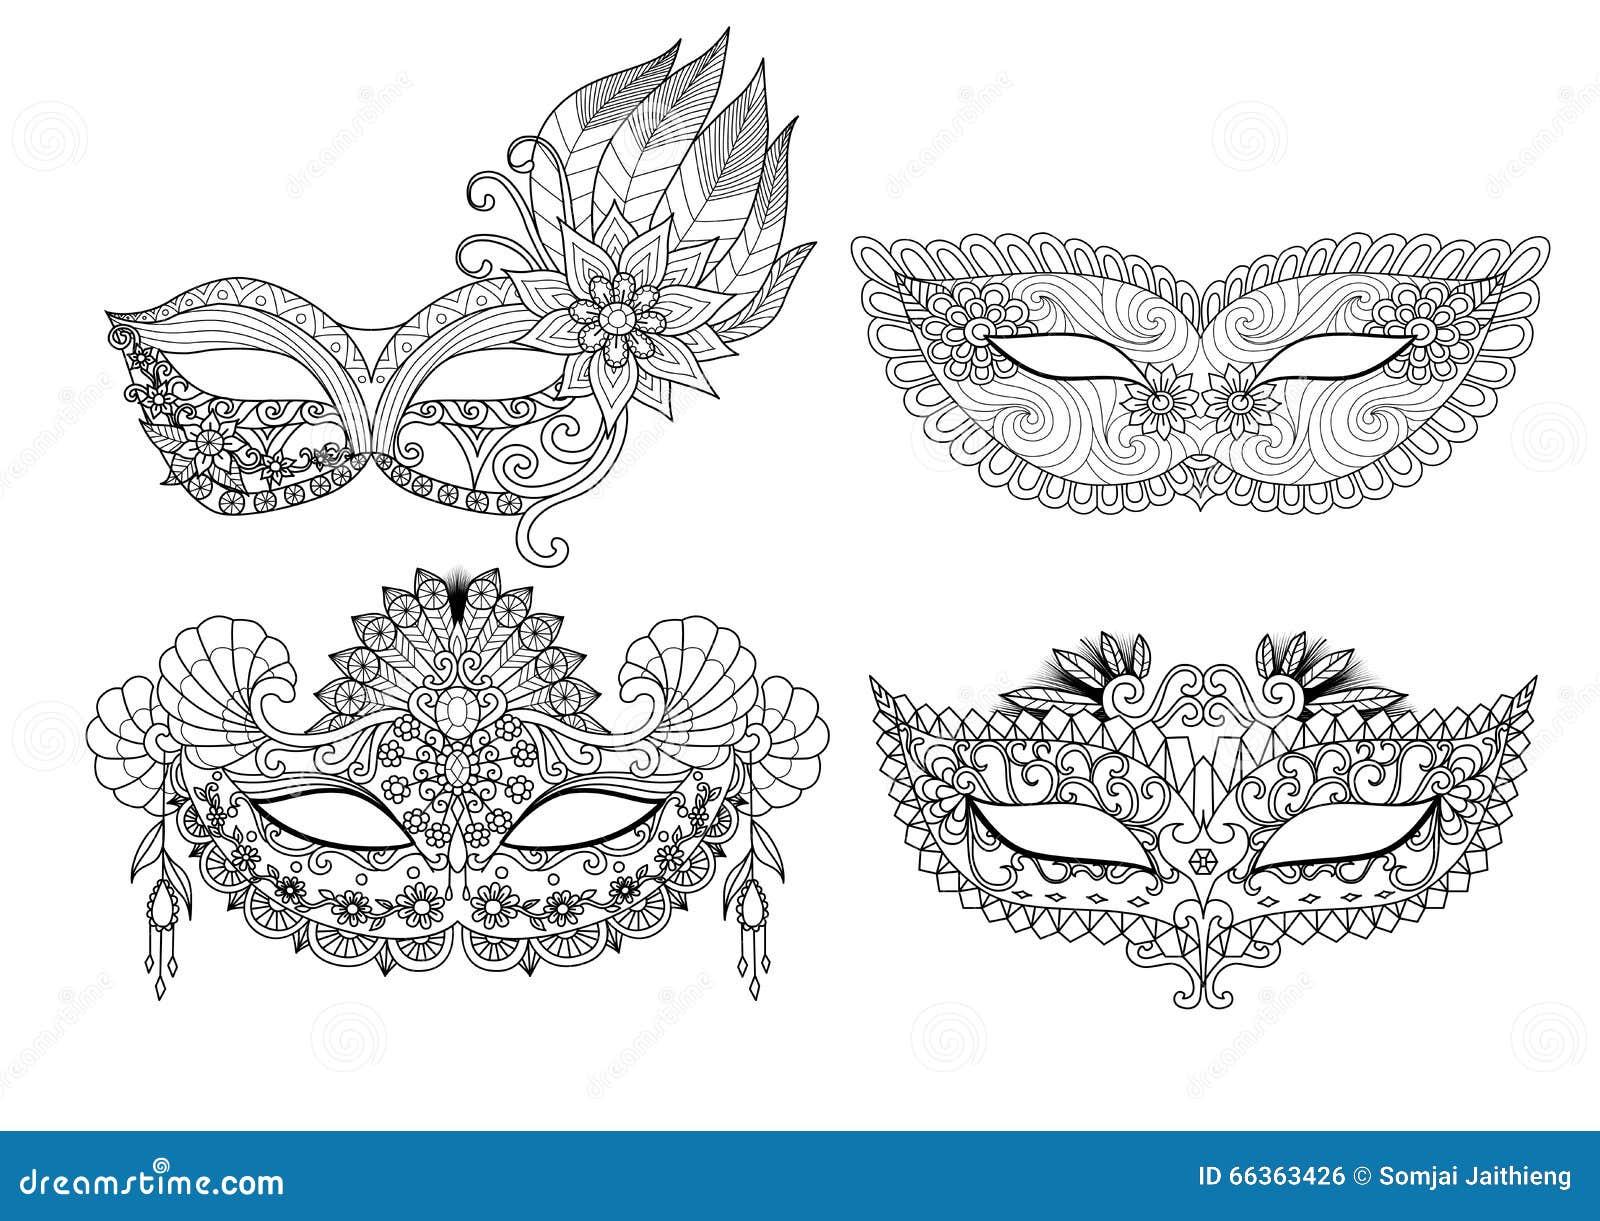 conceptions de masque de carnaval pour livre de coloriage pour l 39 adulte illustration de vecteur. Black Bedroom Furniture Sets. Home Design Ideas